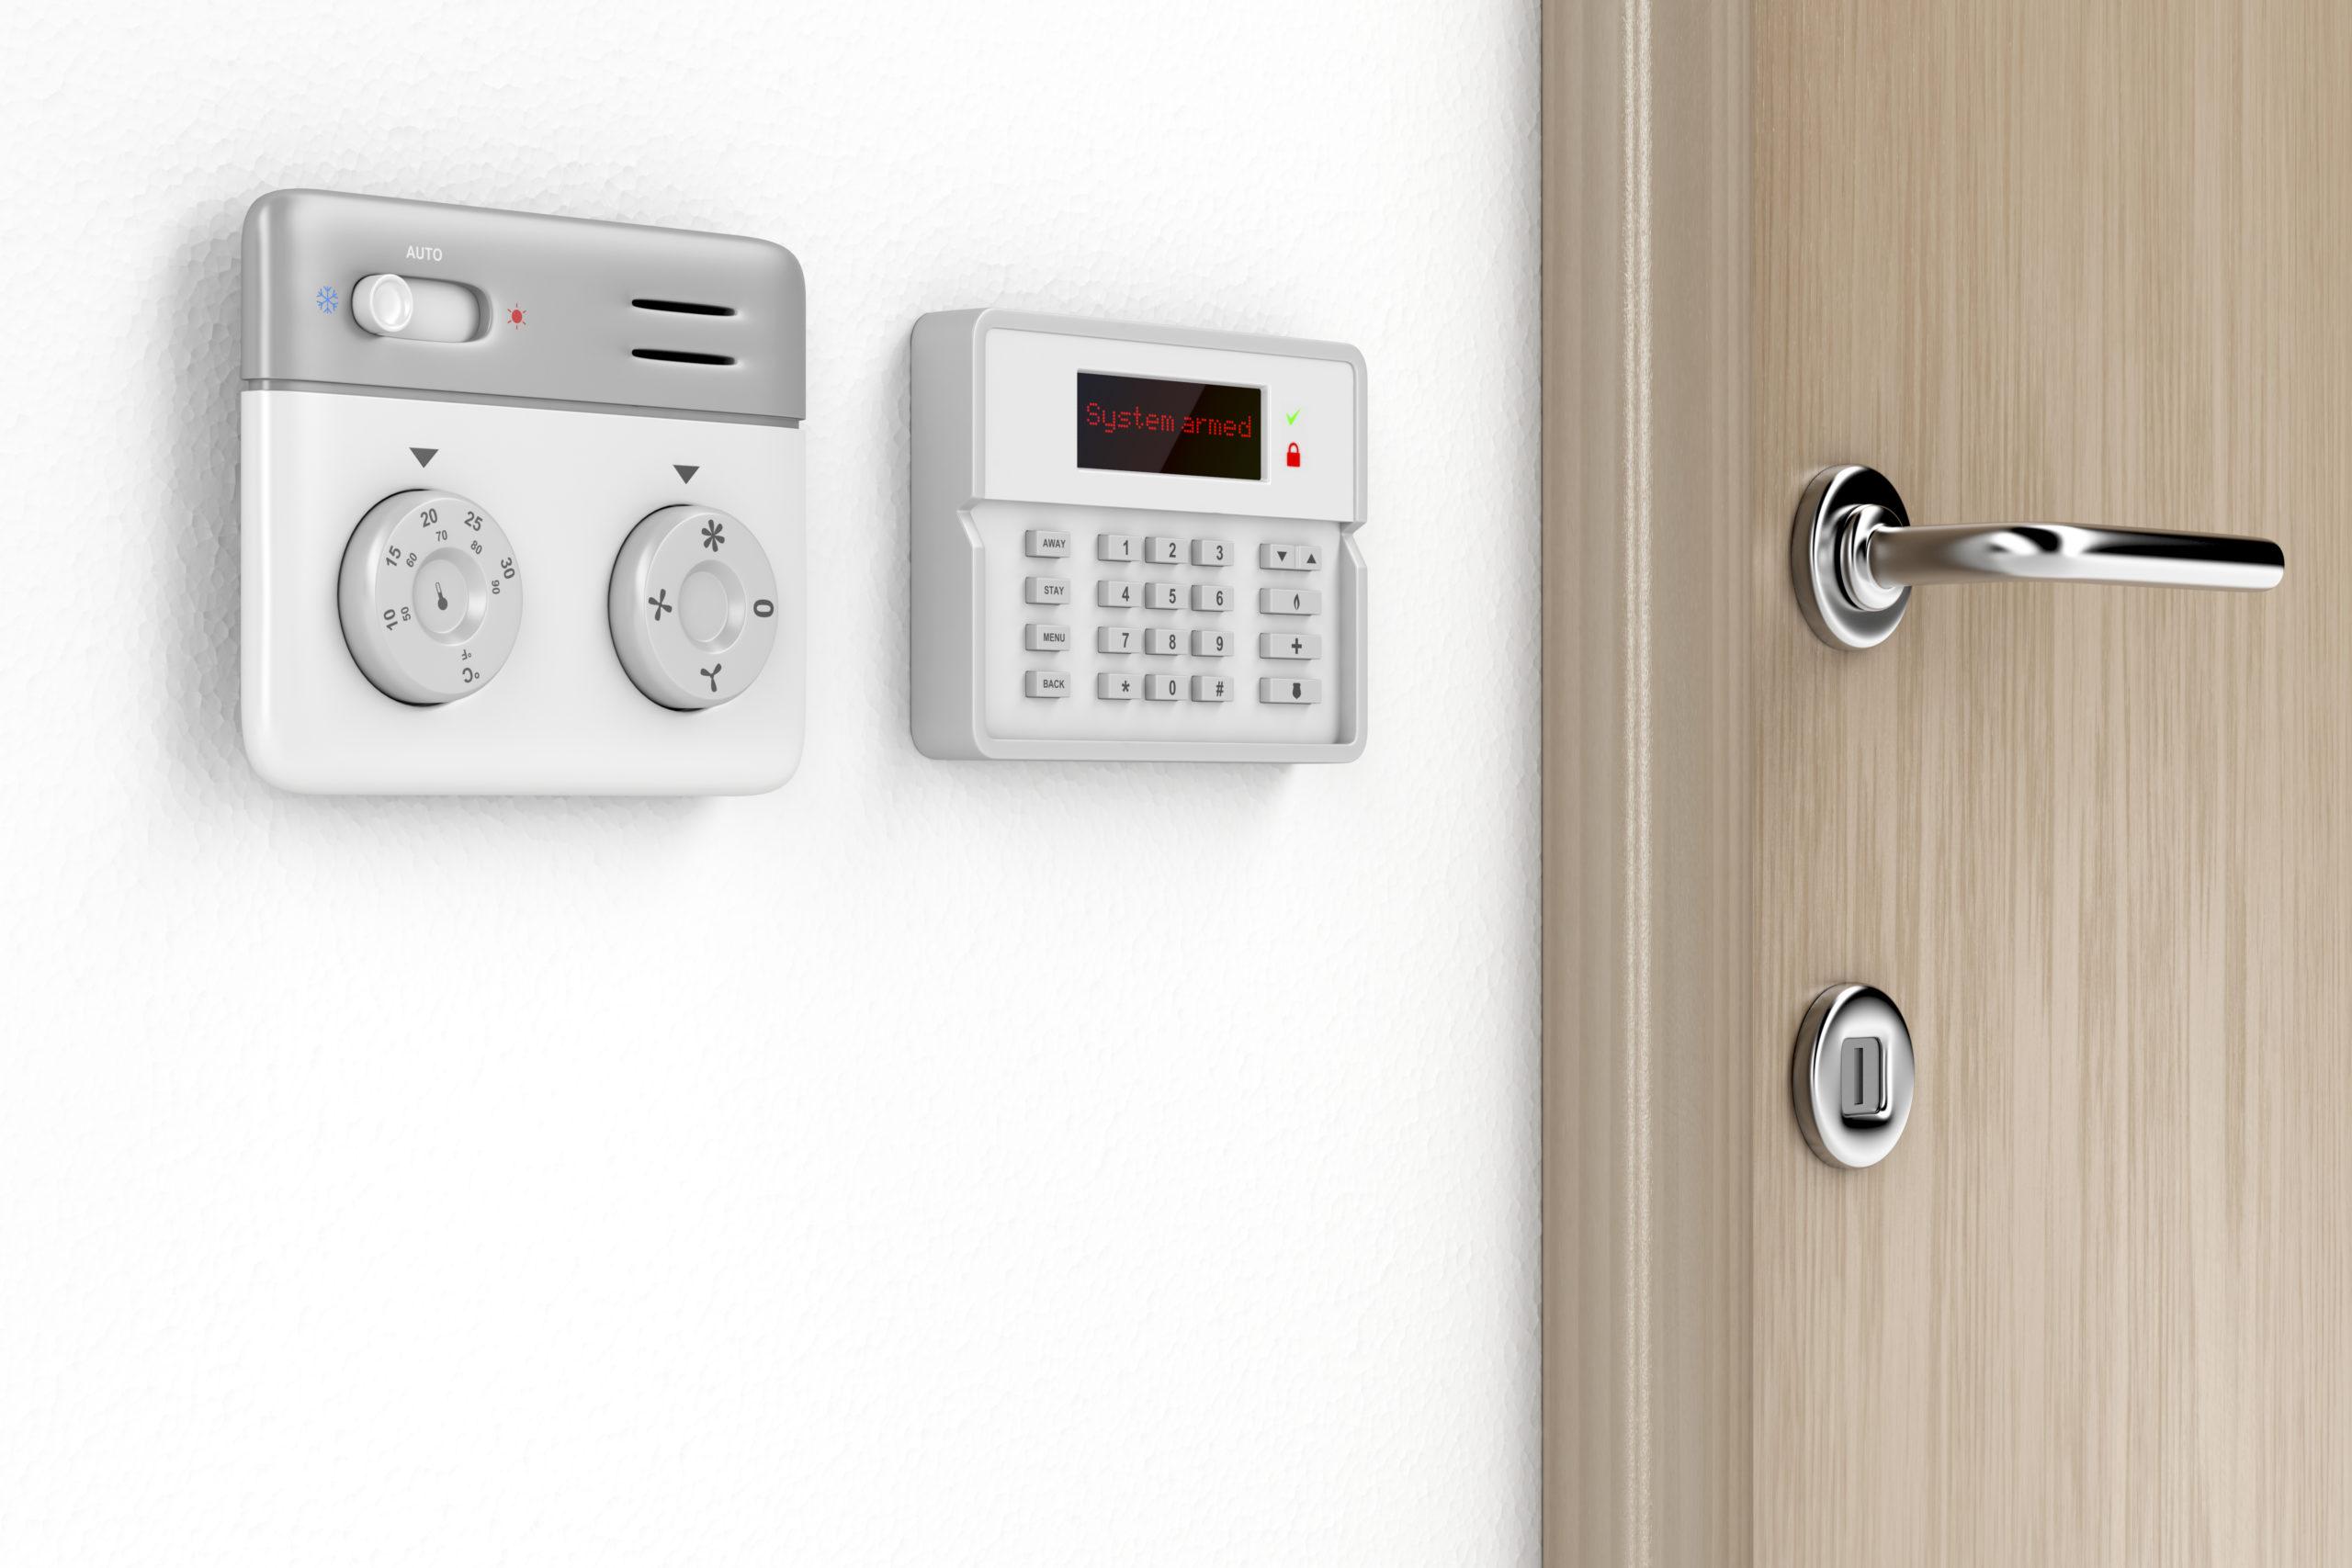 Sicherheitstechnik im Haus